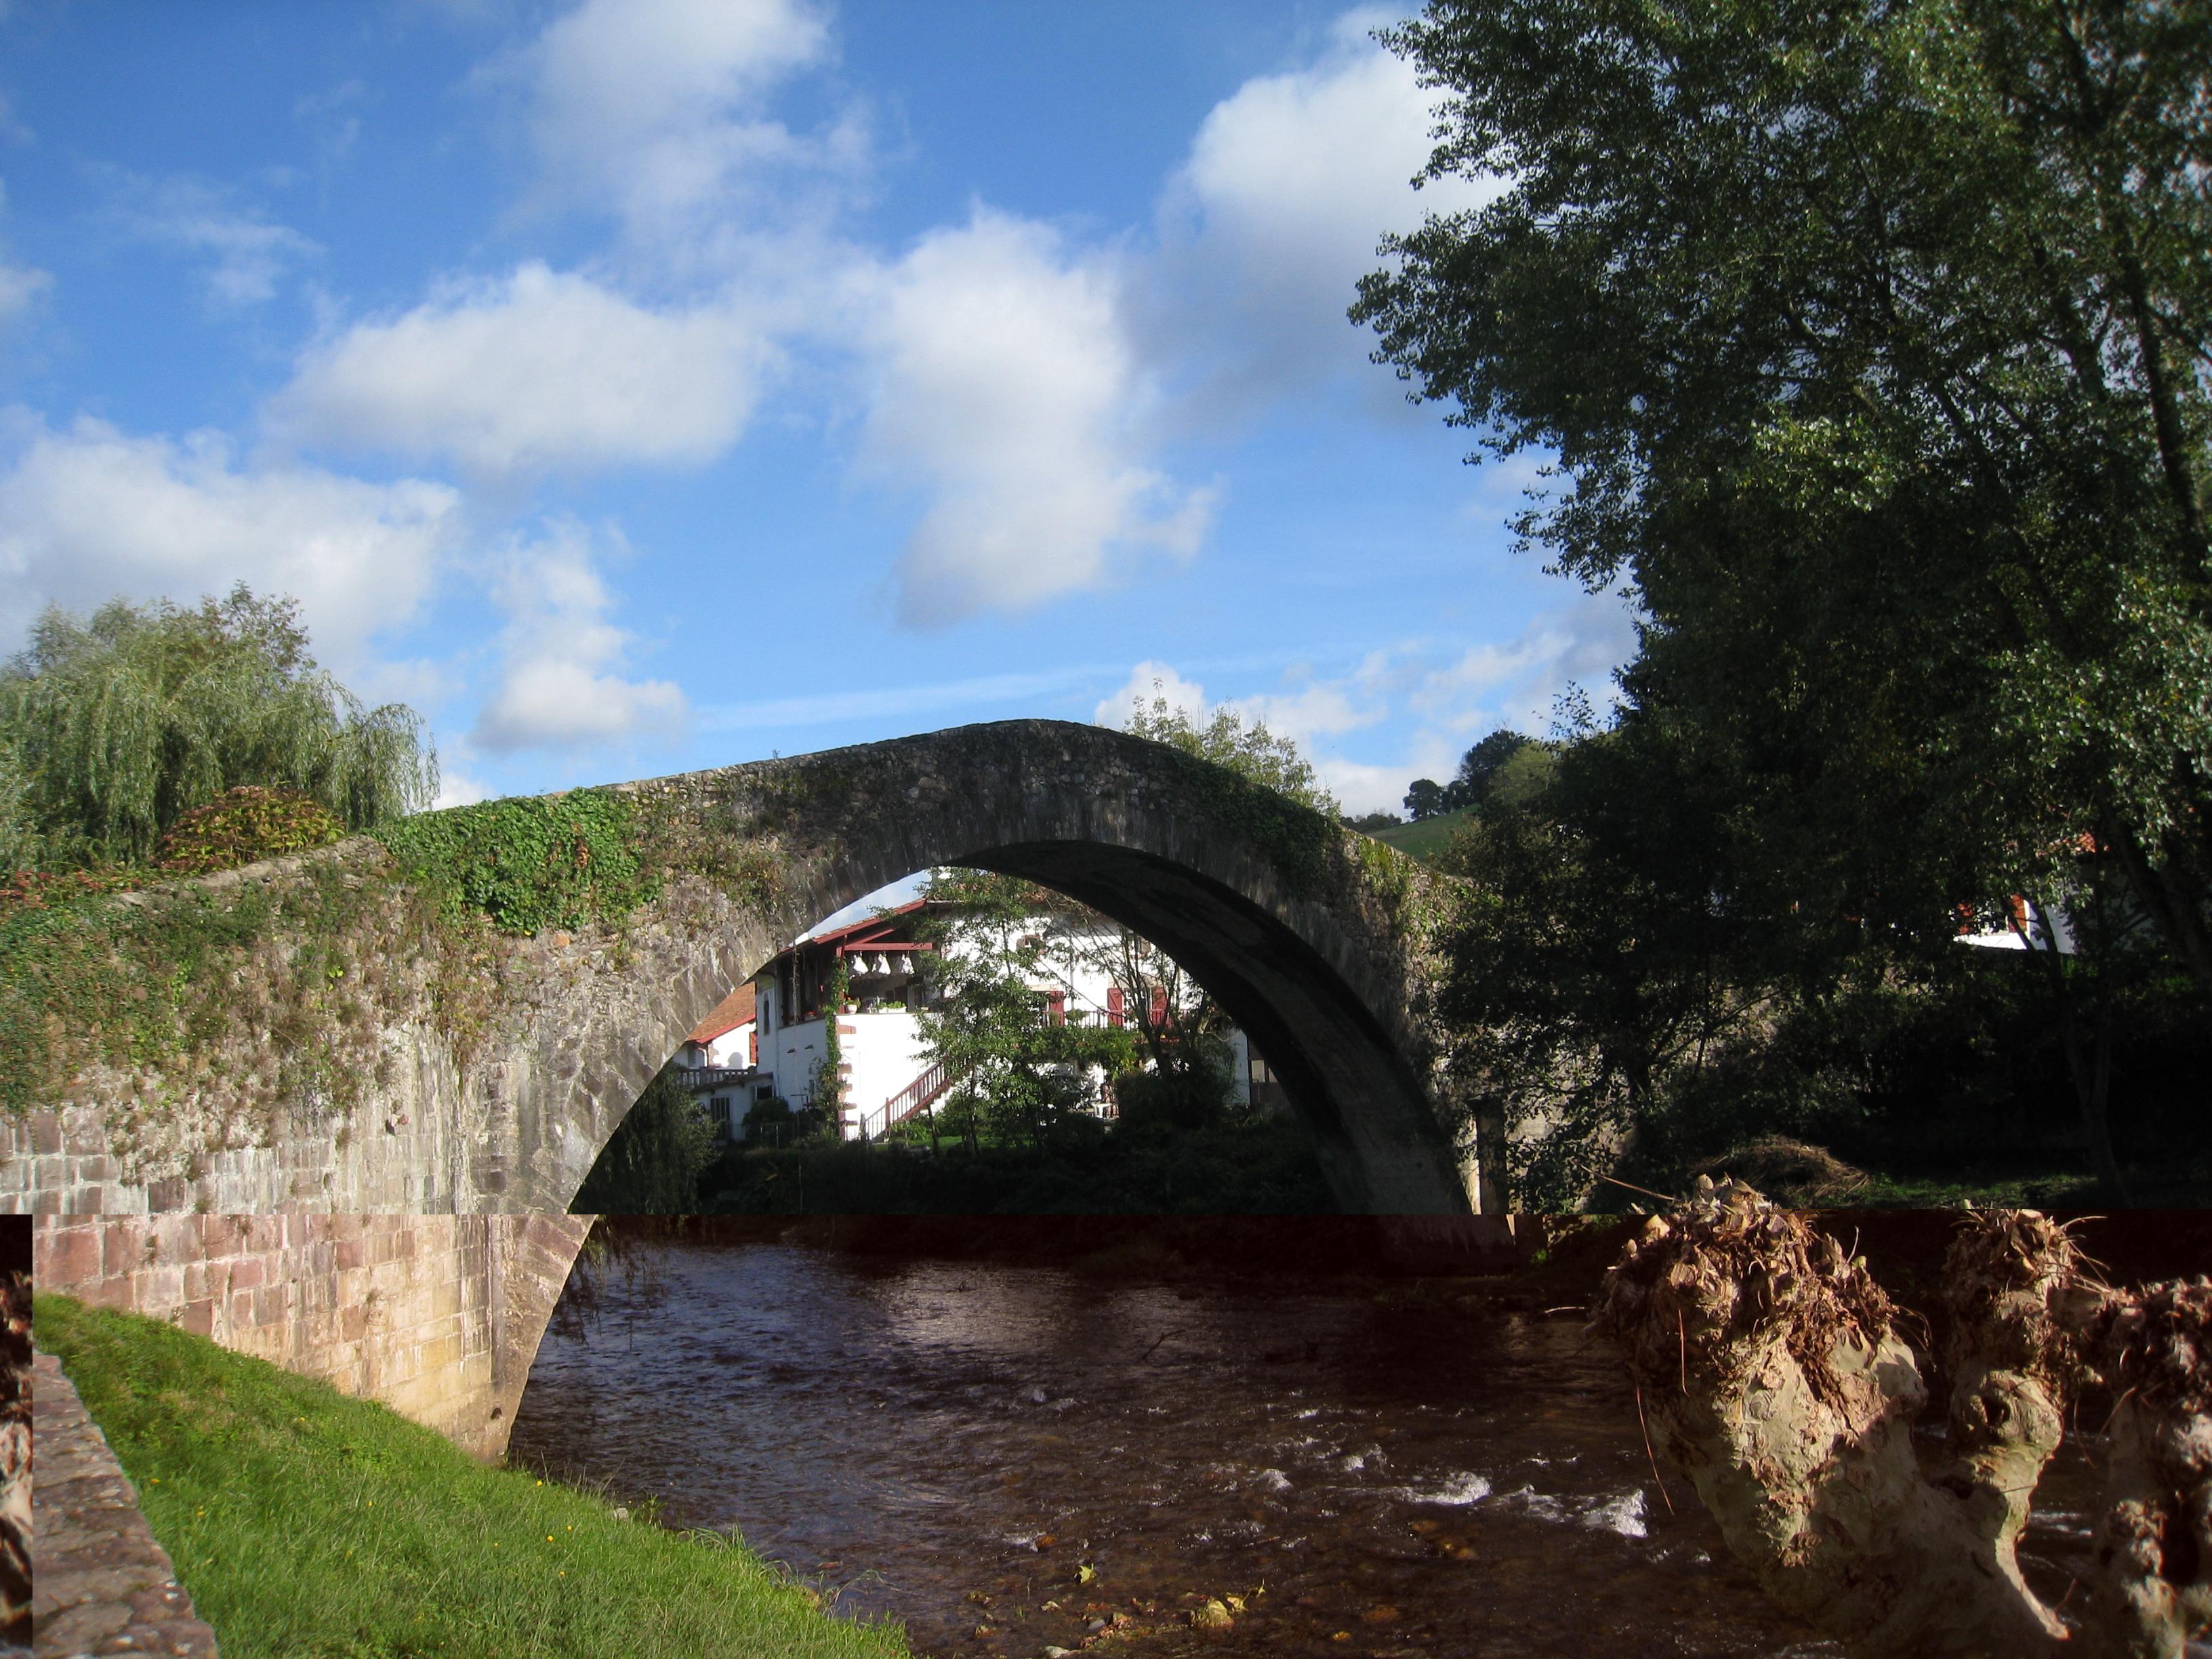 Pyrénées Atlantiques Fªte Musique Fªte du pont romain Agenda